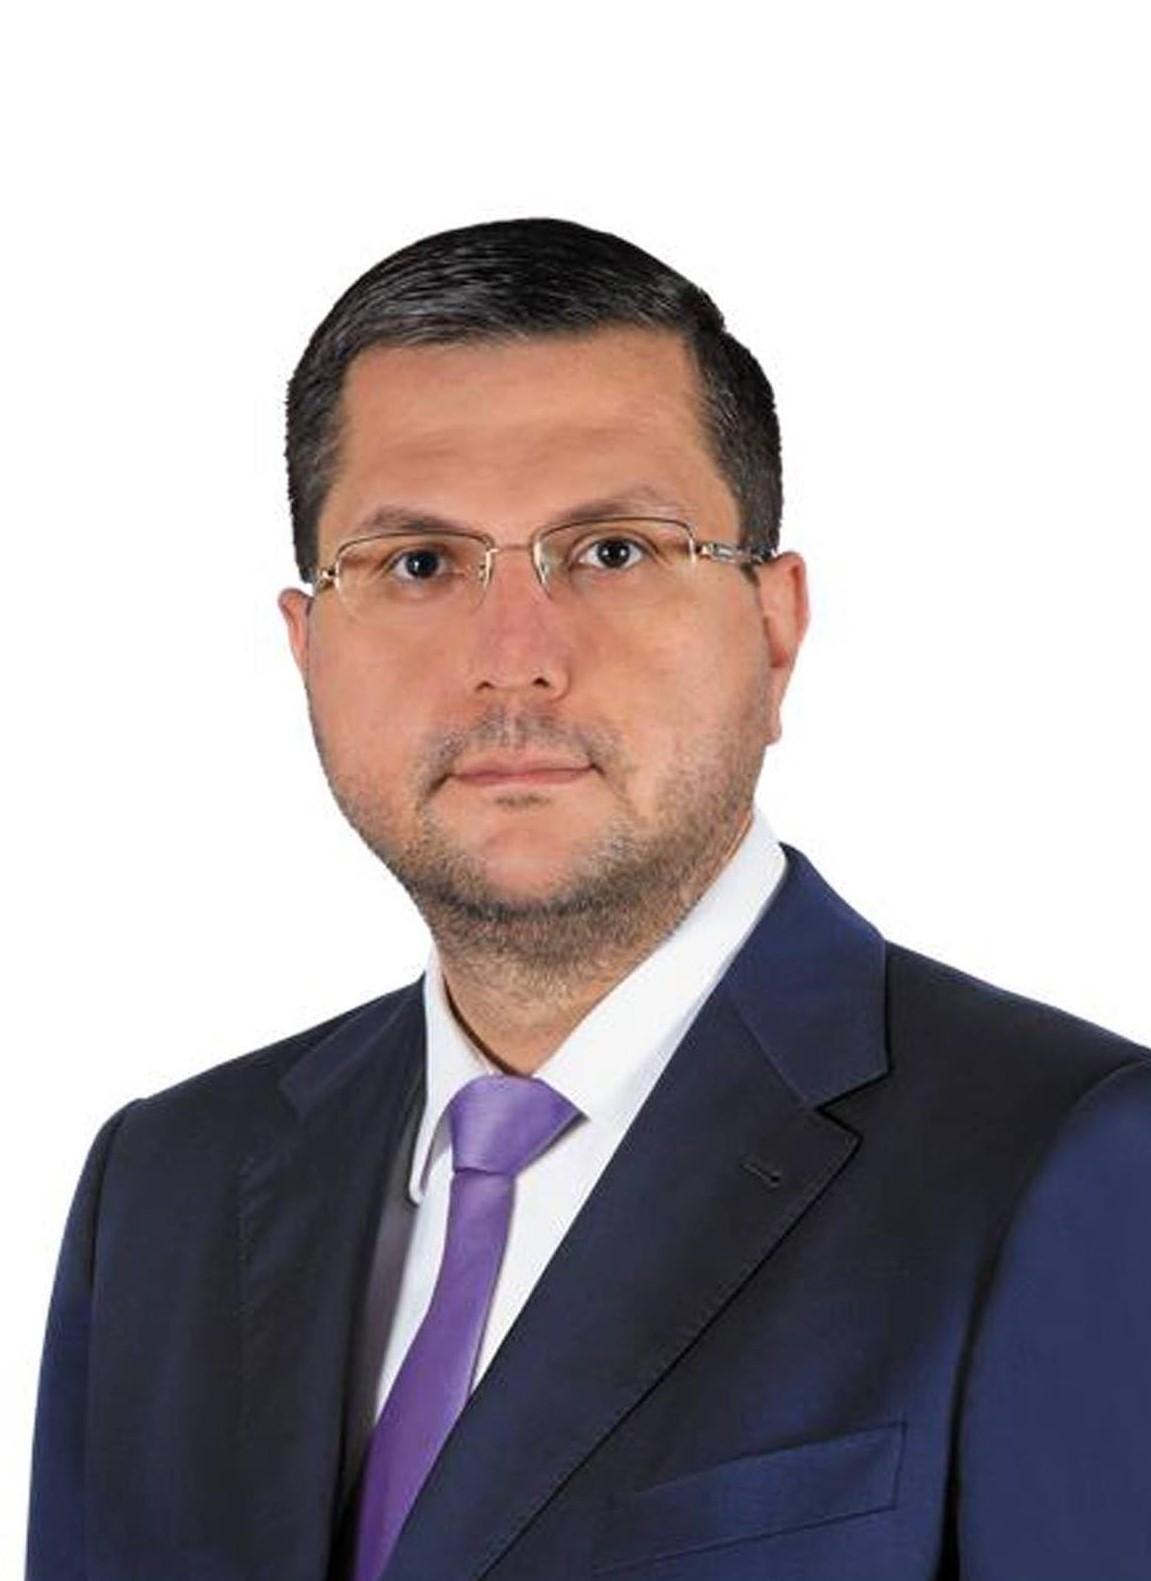 Radu Marin Moisin